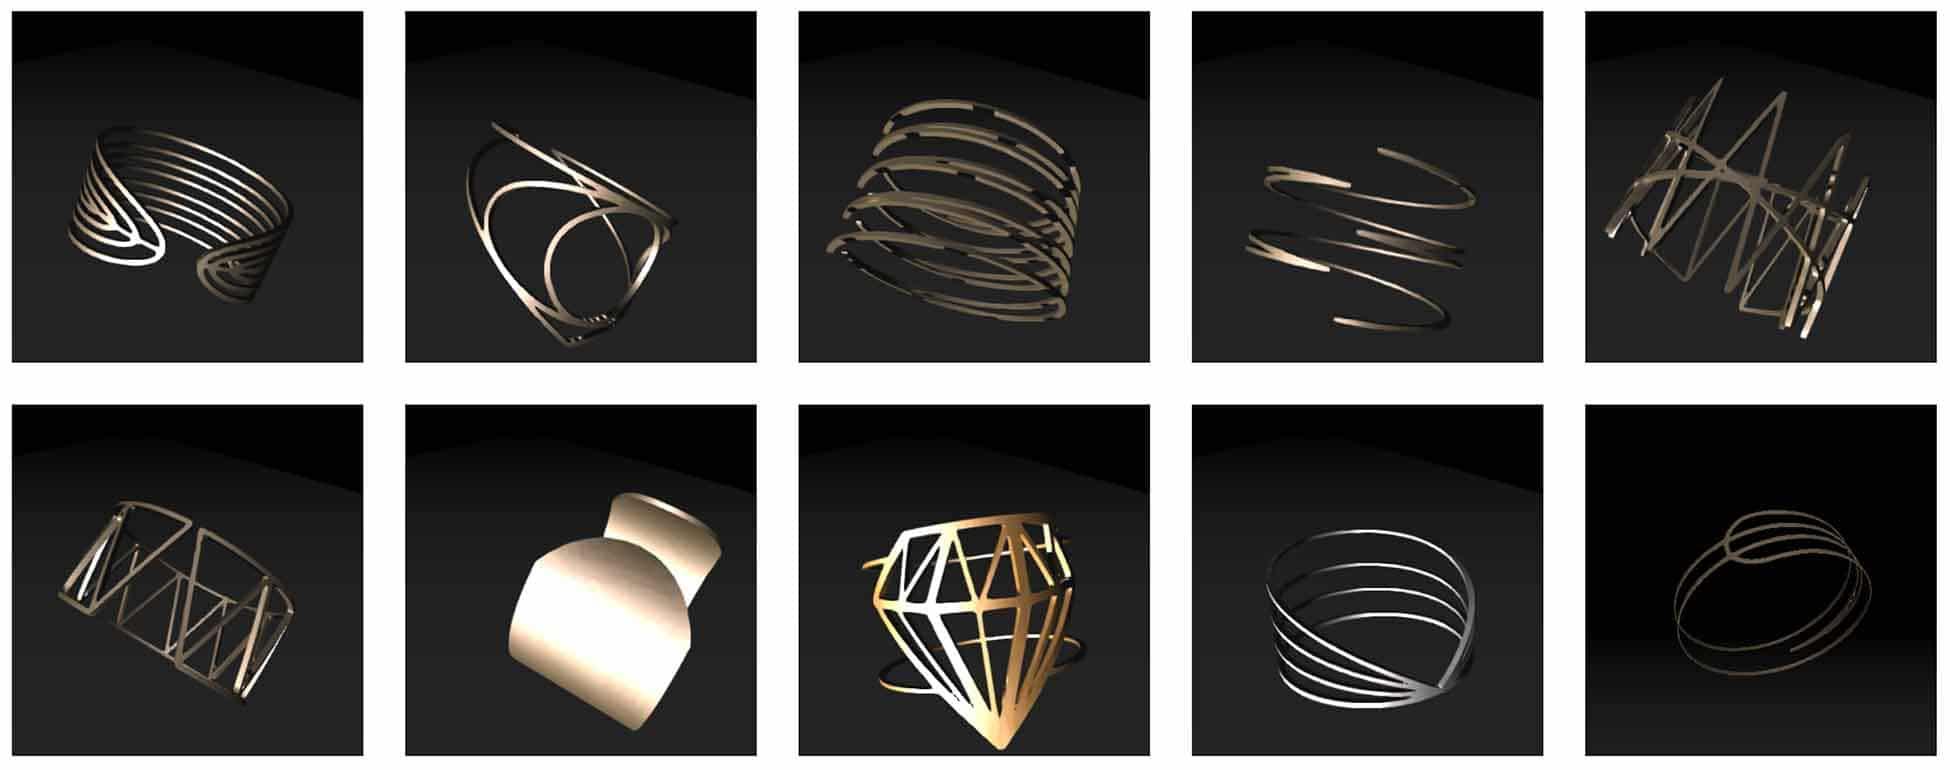 bracelet design_02